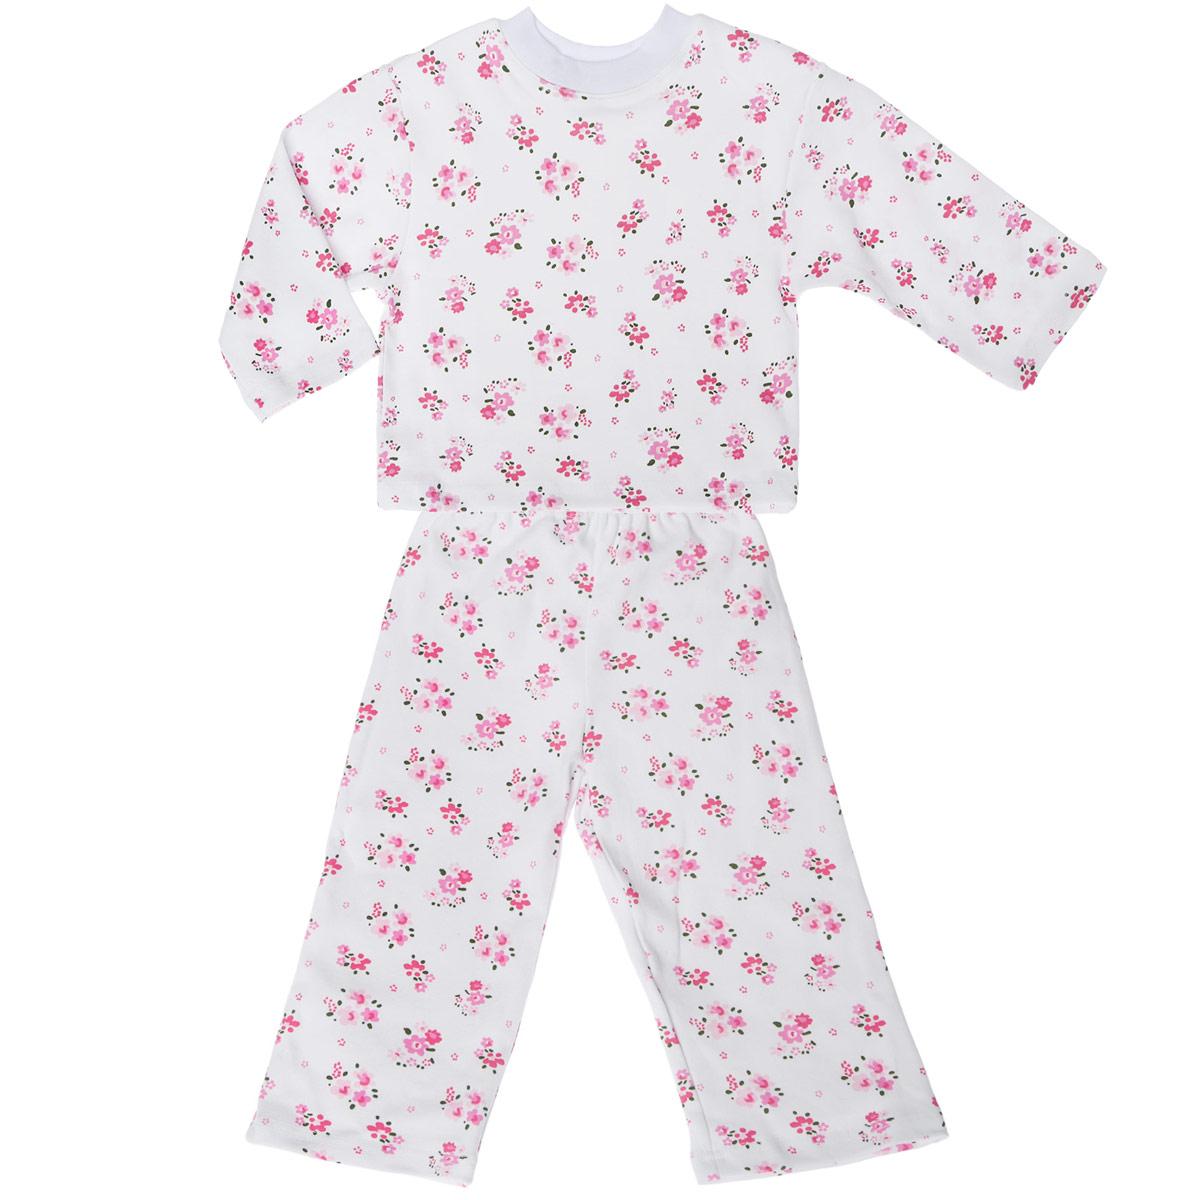 Пижама для девочки. 5584_цветы5584_цветыУютная пижама для девочки Трон-плюс, состоящая из джемпера и брюк, идеально подойдет вашей дочурке и станет отличным дополнением к детскому гардеробу. Изготовленная из натурального хлопка, она необычайно мягкая и легкая, не сковывает движения, позволяет коже дышать и не раздражает даже самую нежную и чувствительную кожу ребенка. Джемпер с длинными рукавами и круглым вырезом горловины оформлен ненавязчивым цветочным принтом. Вырез горловины дополнен трикотажной эластичной резинкой. Брюки на талии имеют эластичную резинку, благодаря чему не сдавливают живот ребенка и не сползают. Оформлены брючки также ненавязчивым цветочным принтом. В такой пижаме ваш ребенок будет чувствовать себя комфортно и уютно во время сна.